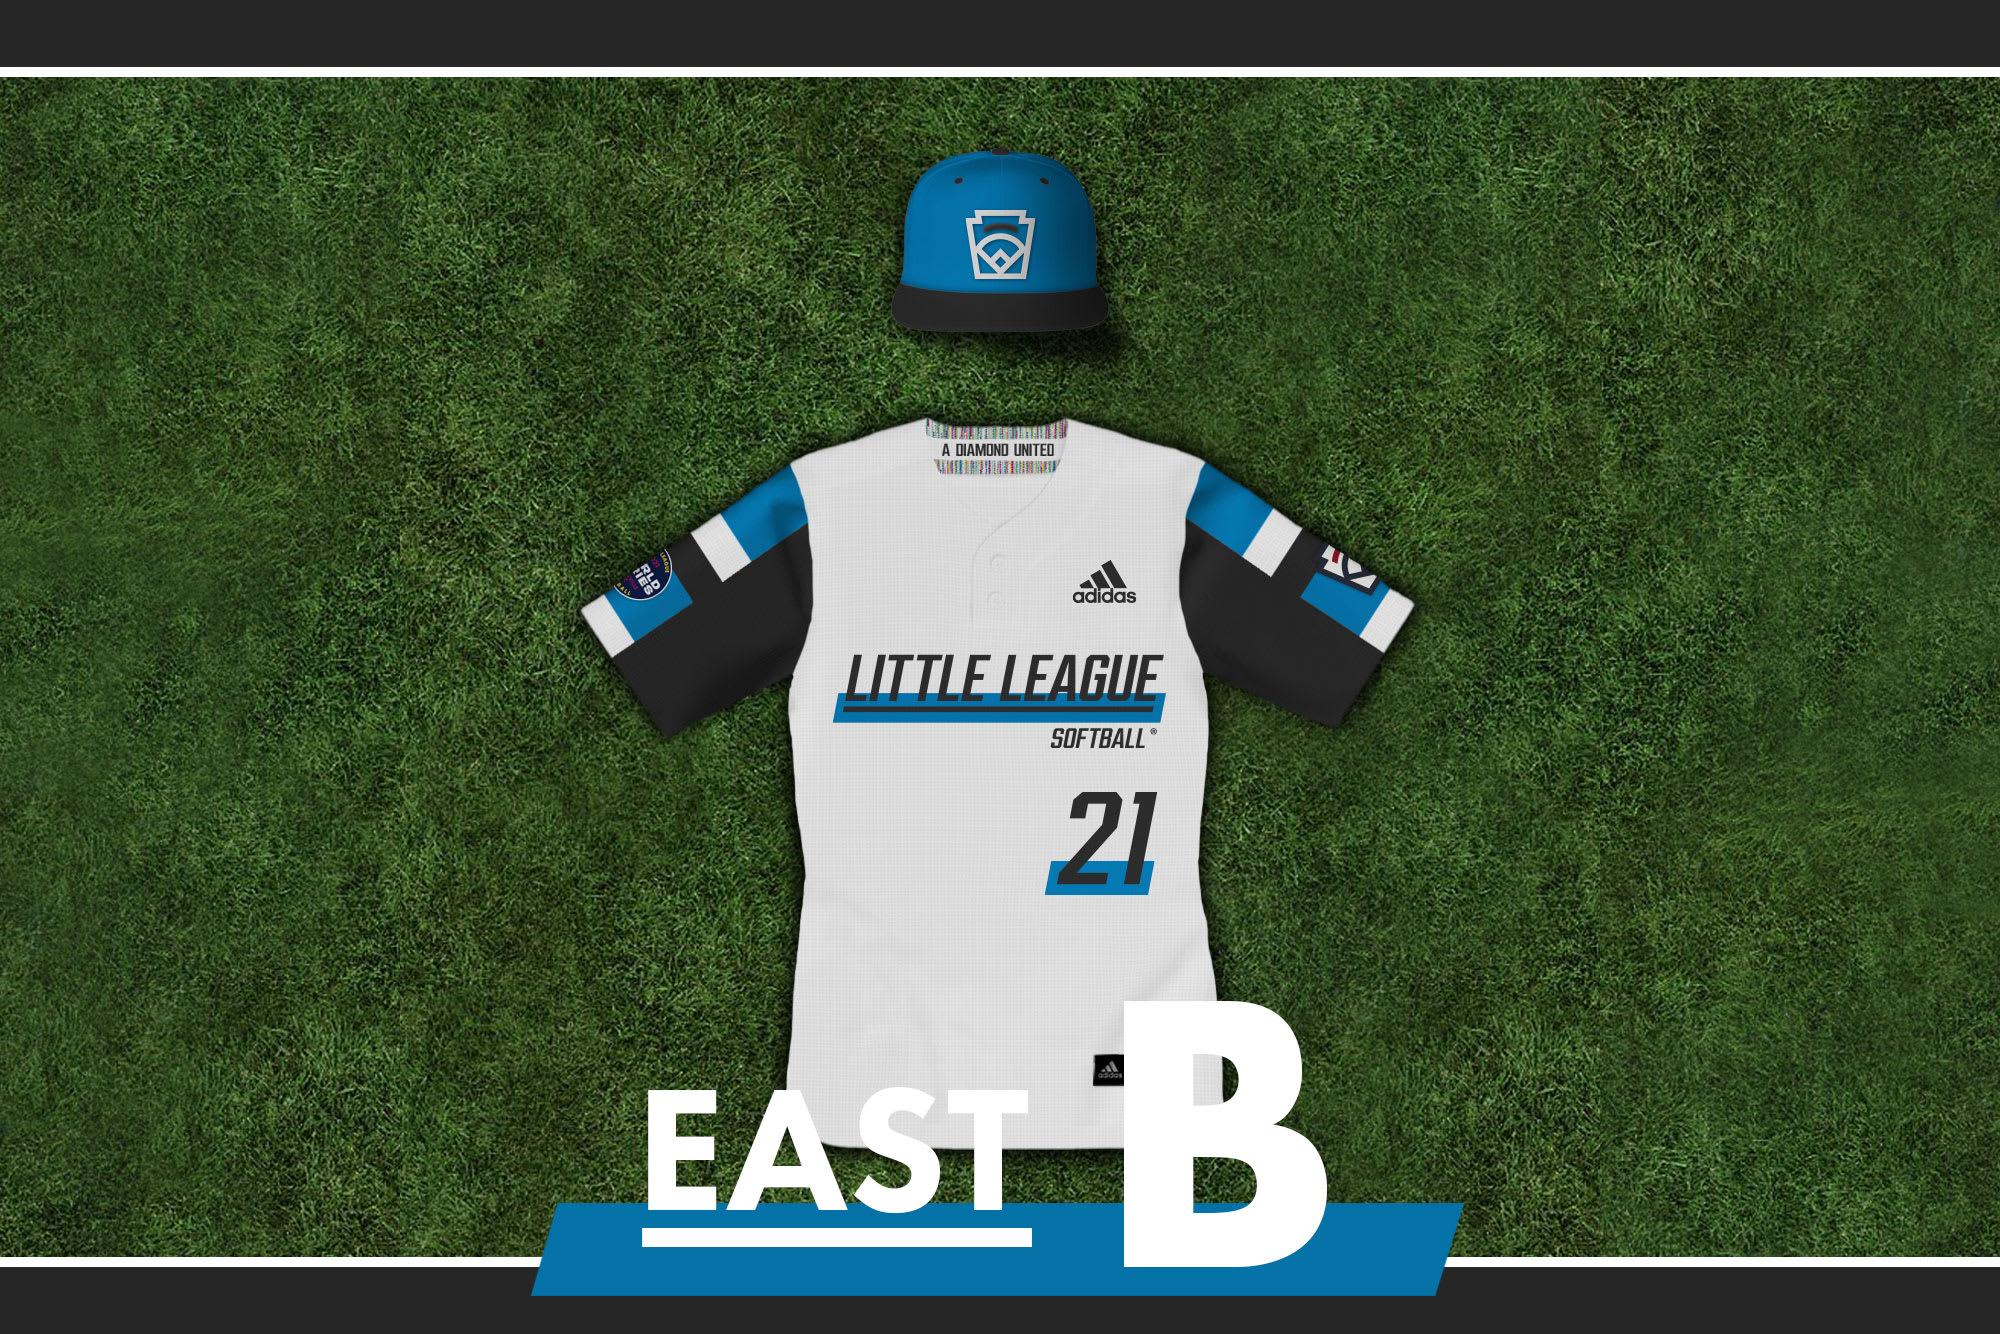 LLSB East B uniform